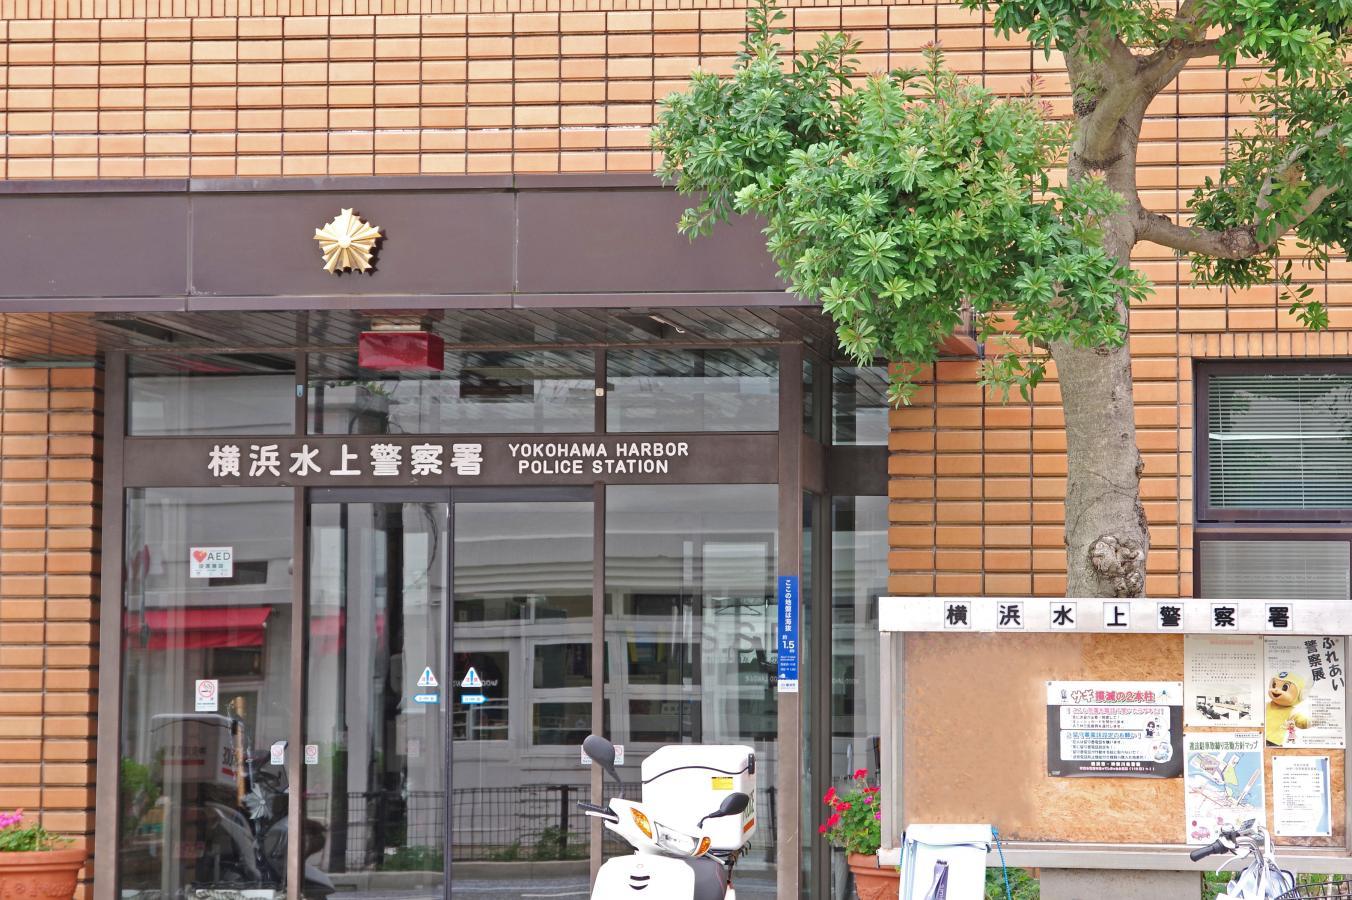 「横浜水上警察署」の玄関前